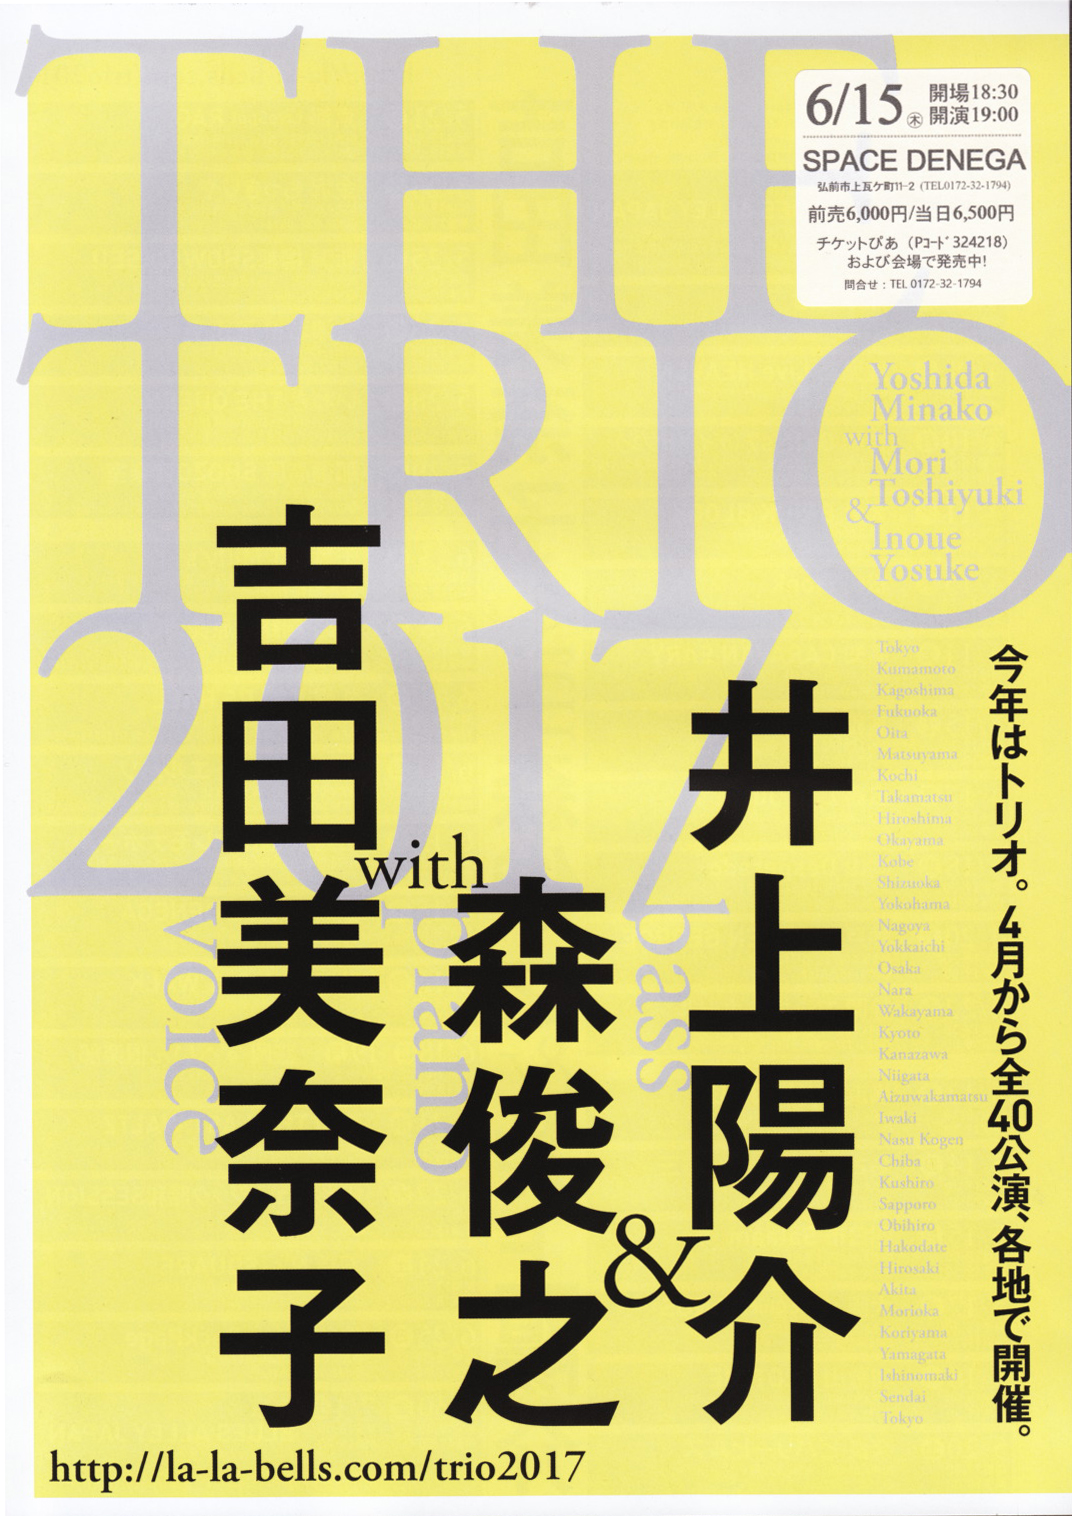 THE TRIO 2017 吉田美奈子 with 森俊之 & 井上陽介